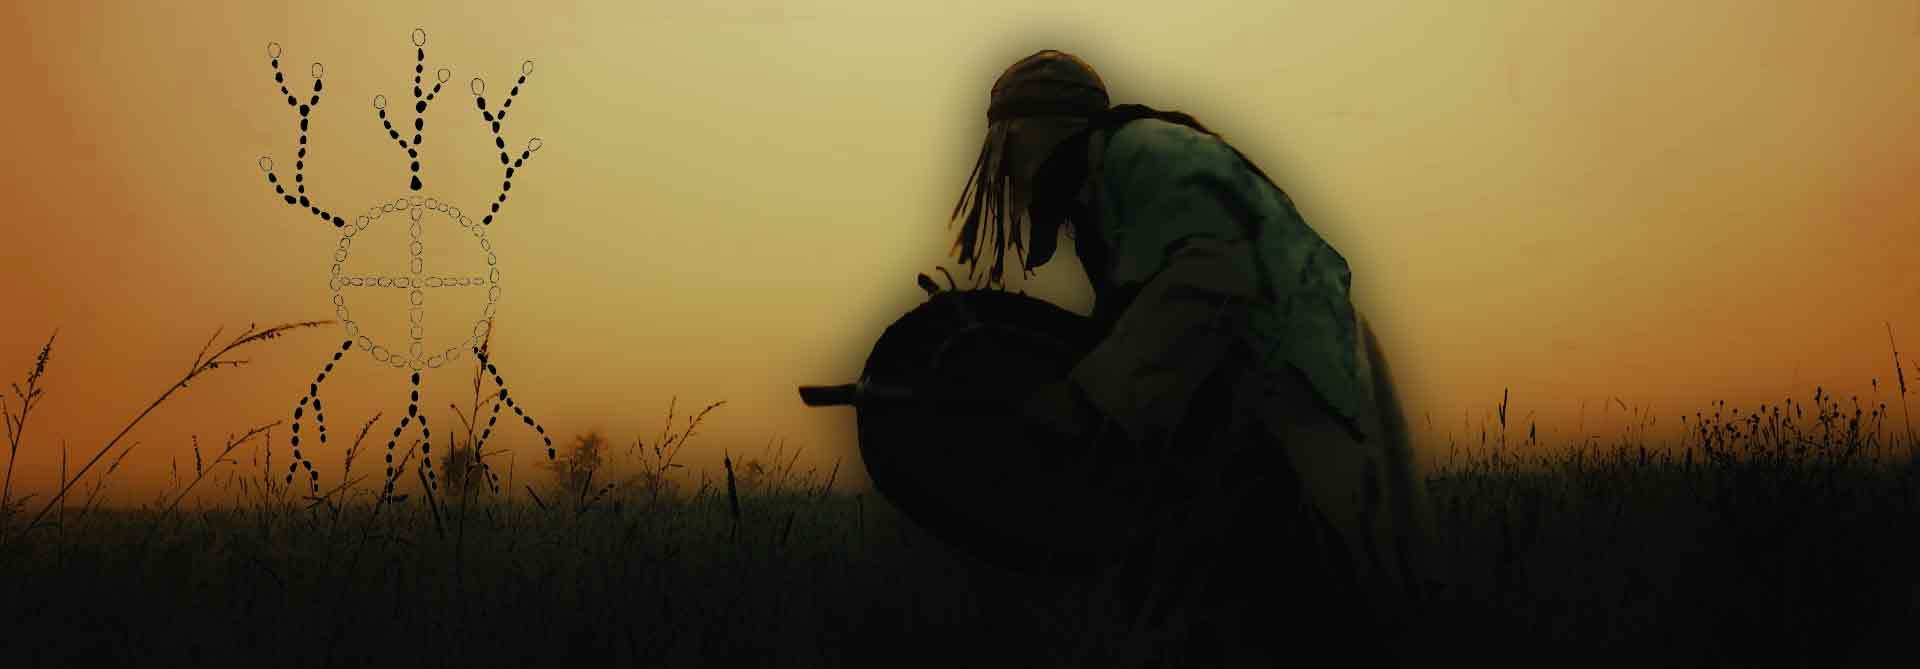 Bei Schamanismus.org alles über Schamanismus und Schamanen erfahren. Tanzender Schamane in der Steppe.